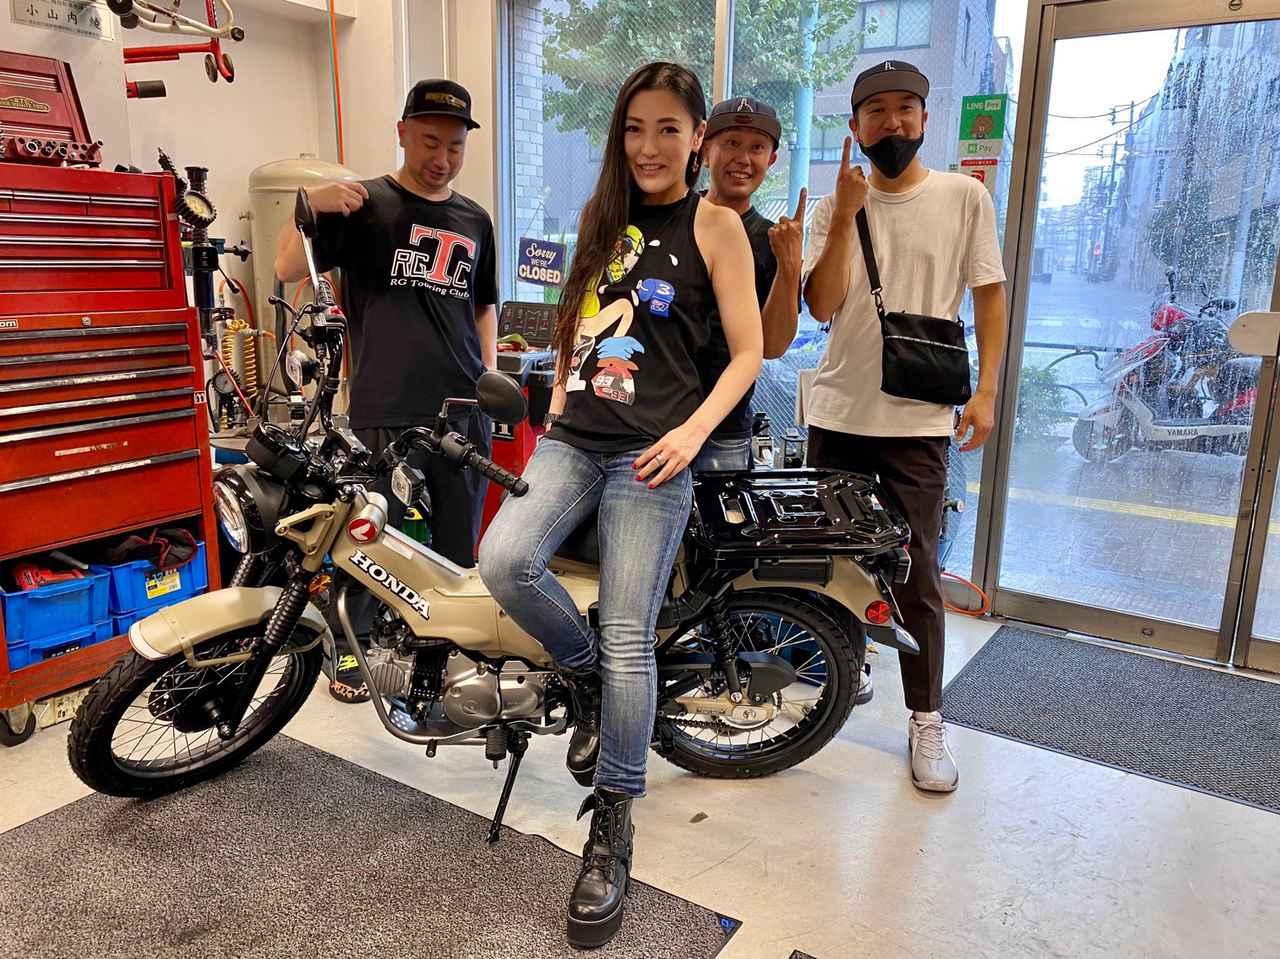 Images : 12番目の画像 - 「ハンターカブだよ! あたしも、カブ主になりました。(福山理子)」のアルバム - webオートバイ